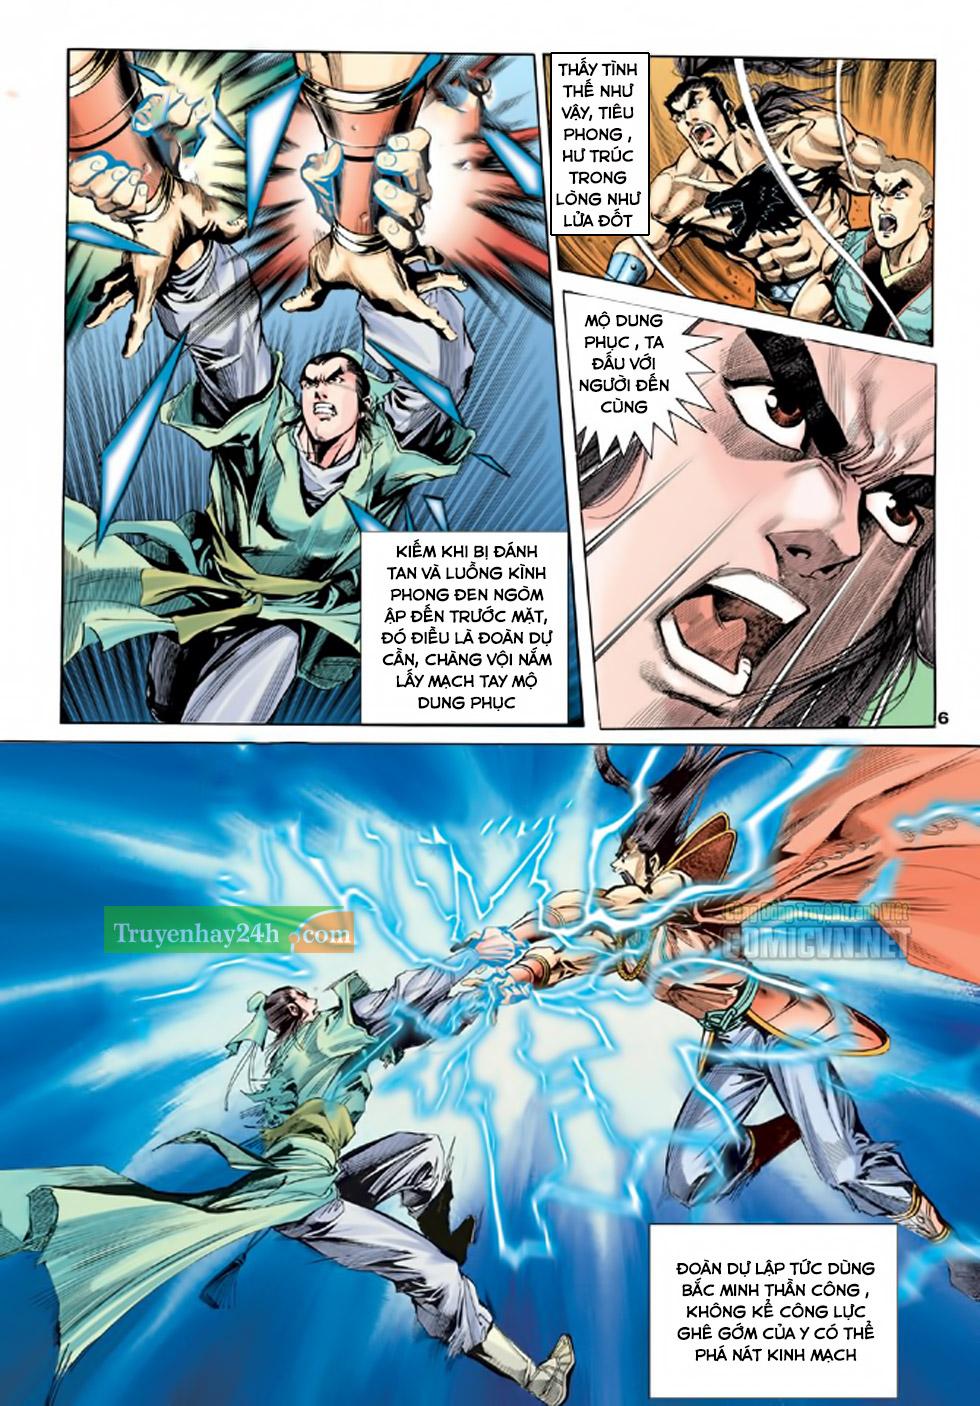 Thiên Long Bát Bộ chap 100 – End Trang 7 - Mangak.info